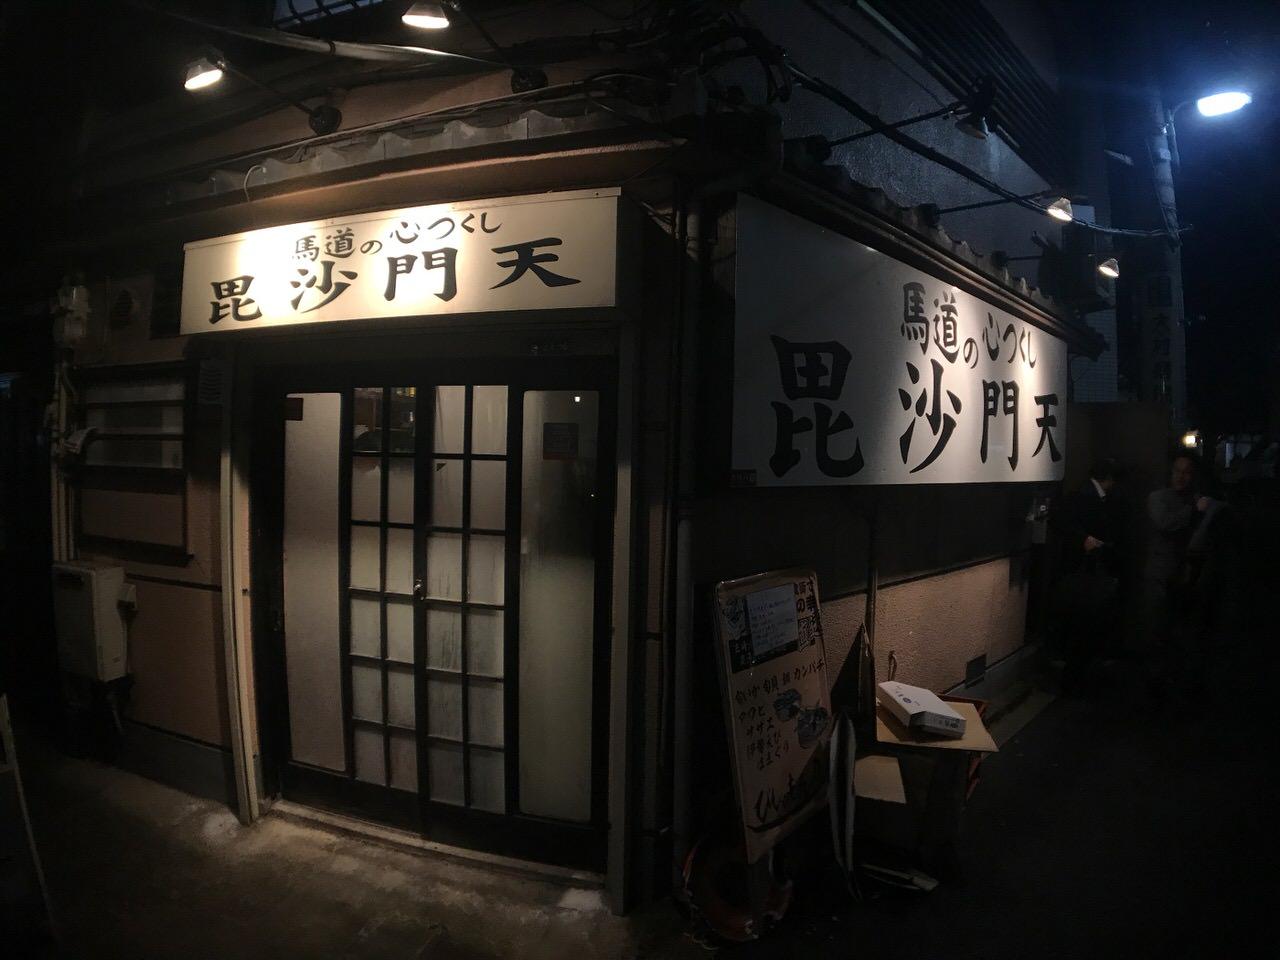 「毘沙門天」馬肉尽くしの料理が食べられる隠れ家的居酒屋